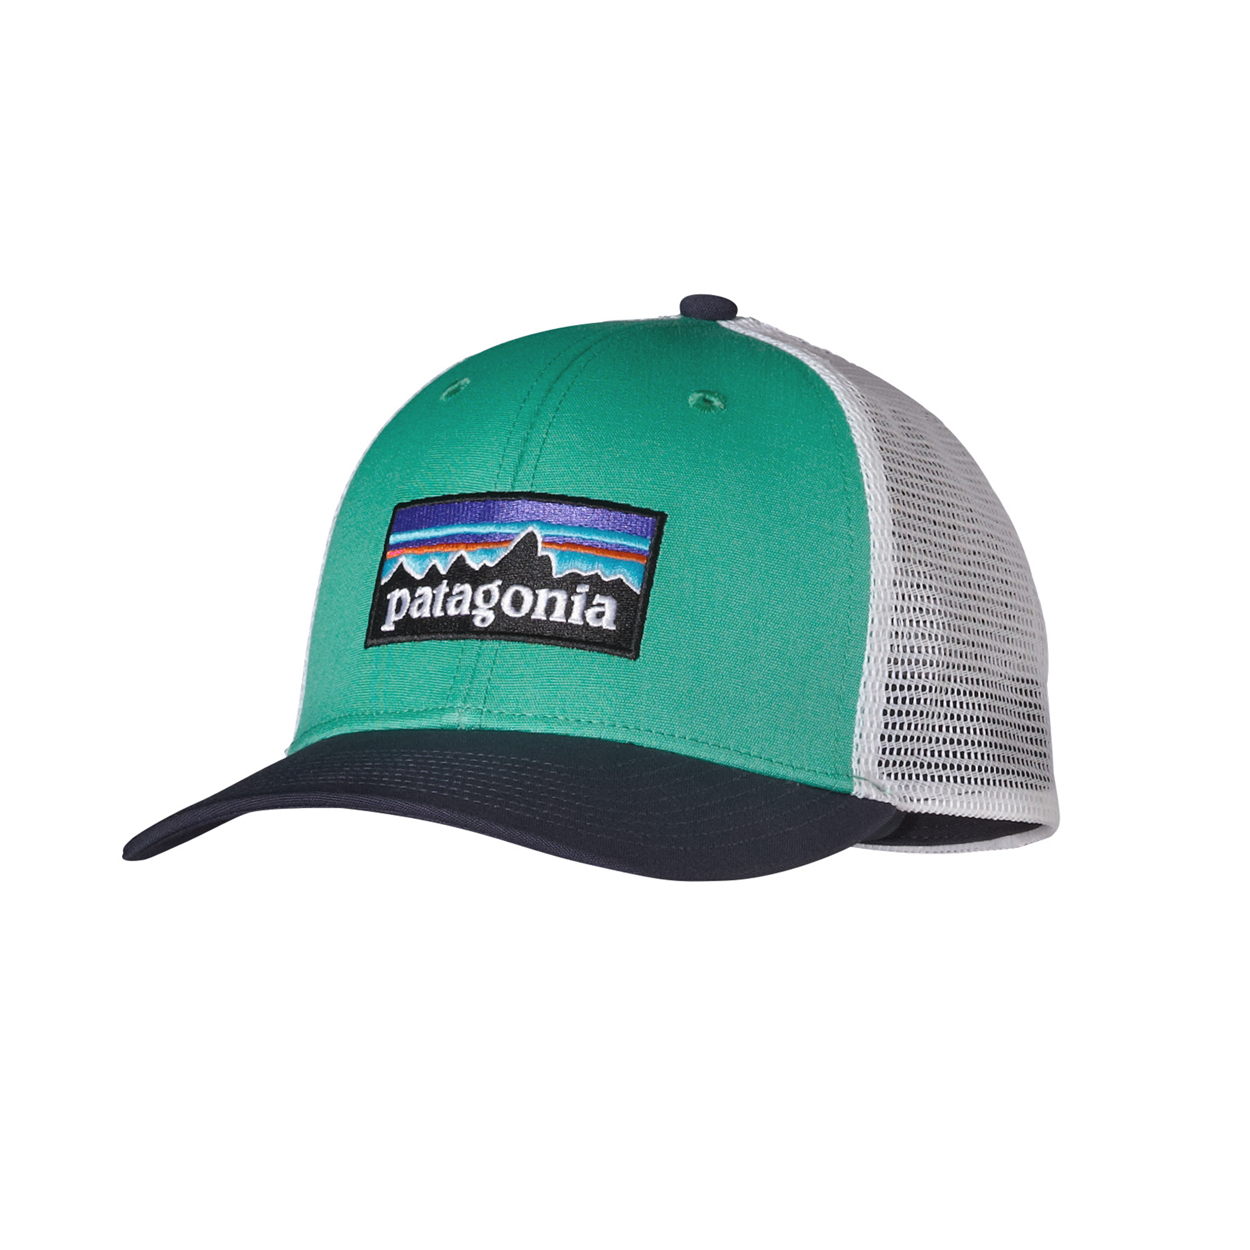 Men s Hats at MountainGear.com 07dfa27b8a80